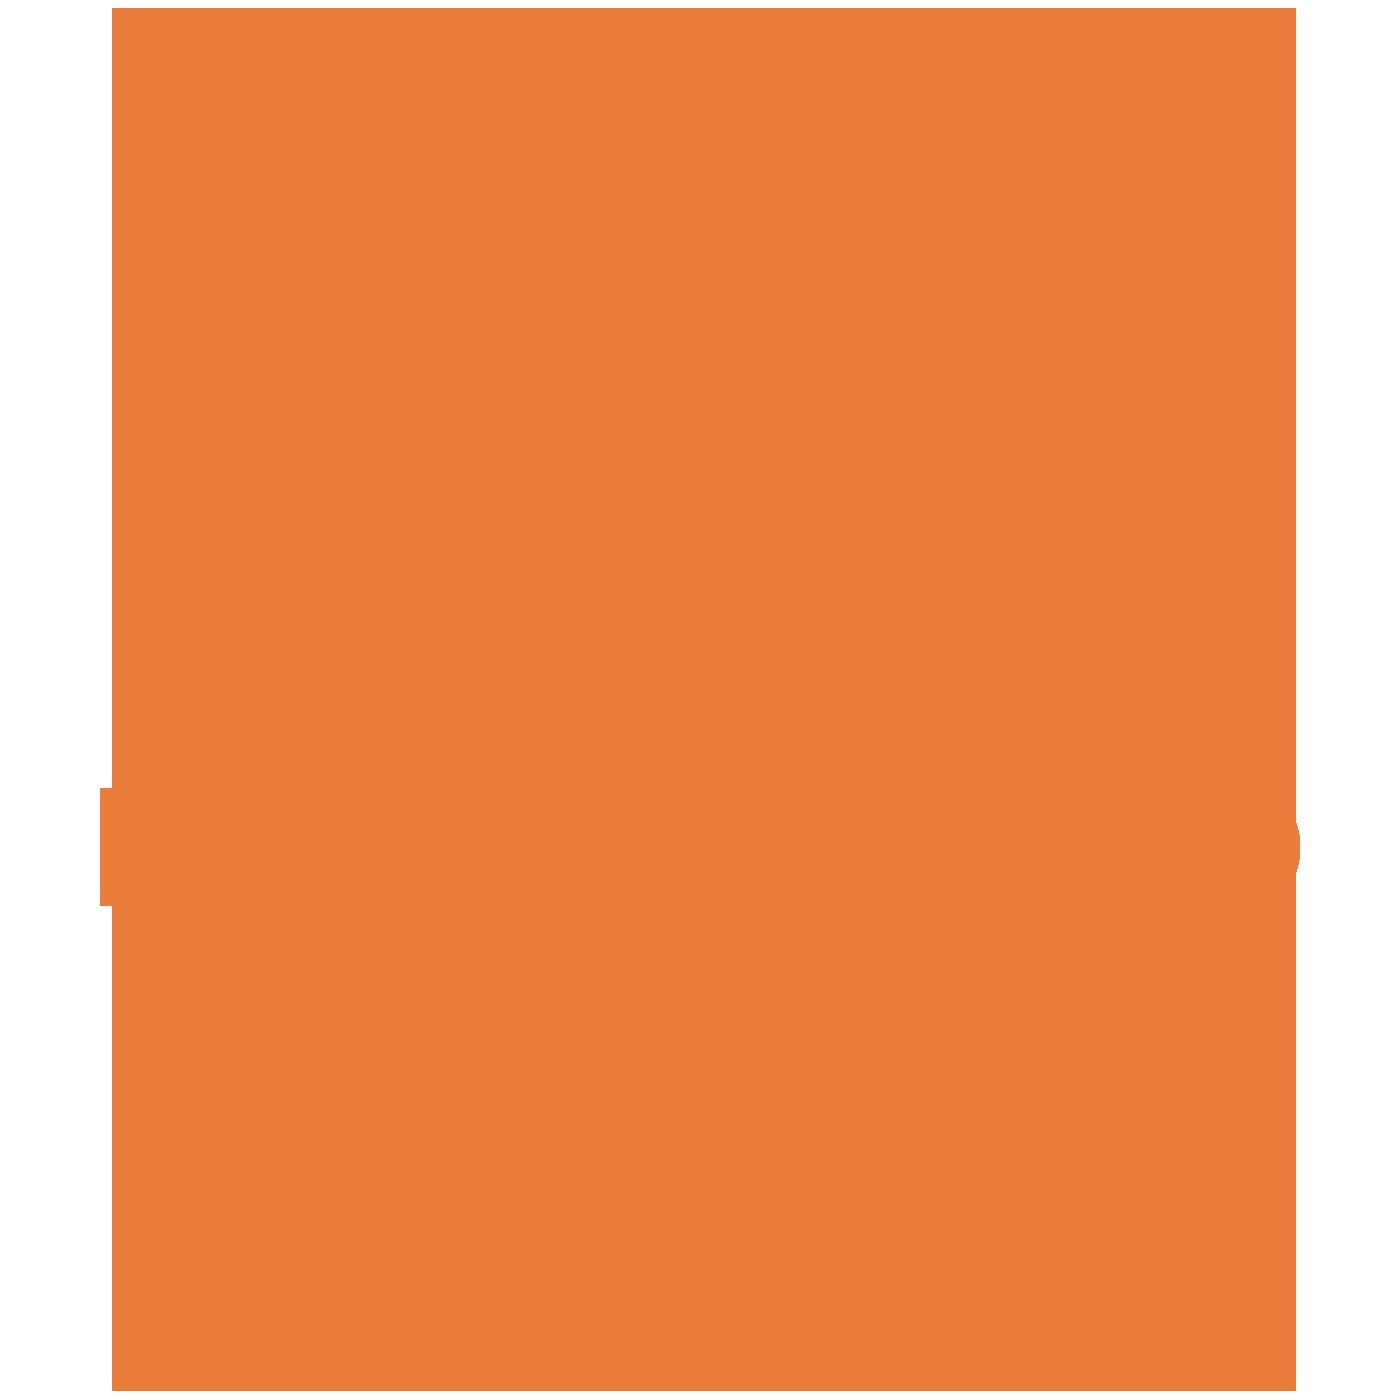 fer_logo_orange.png